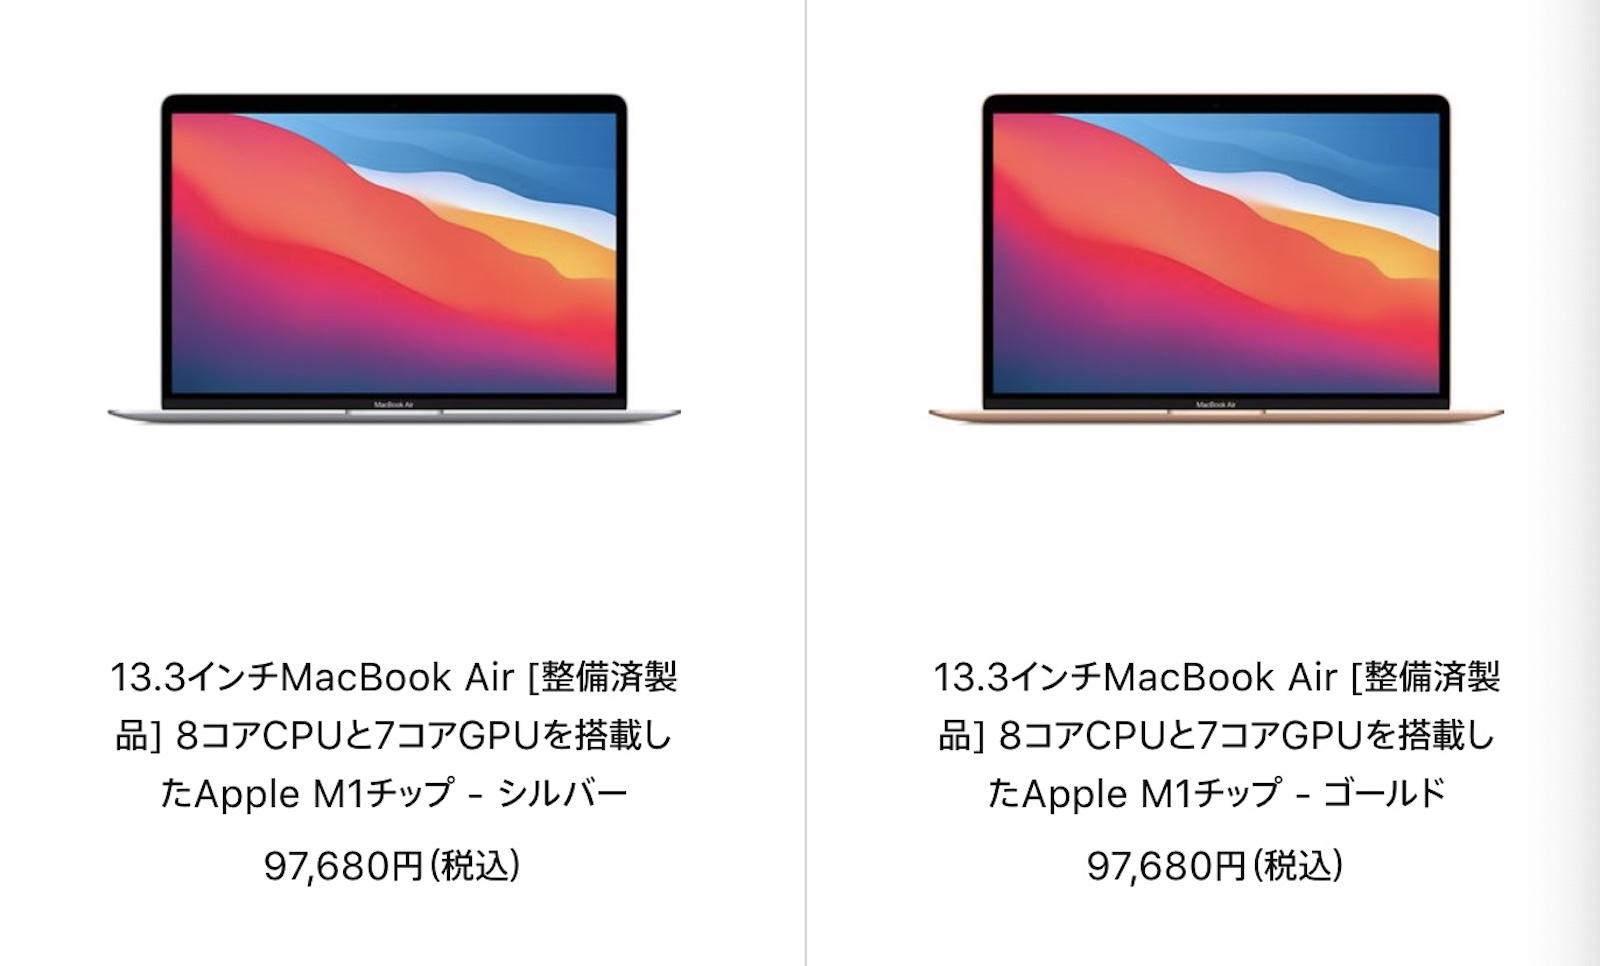 Mac Refurbished model 2021 07 09